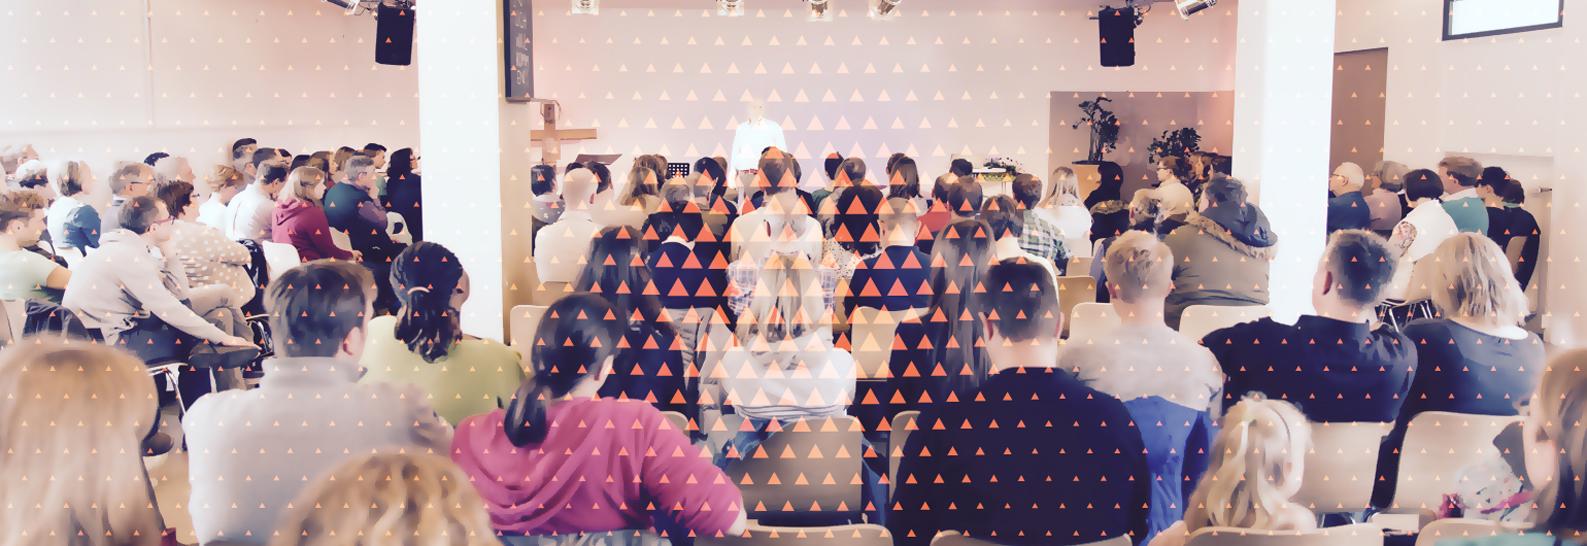 bmg_Start_bkg_C